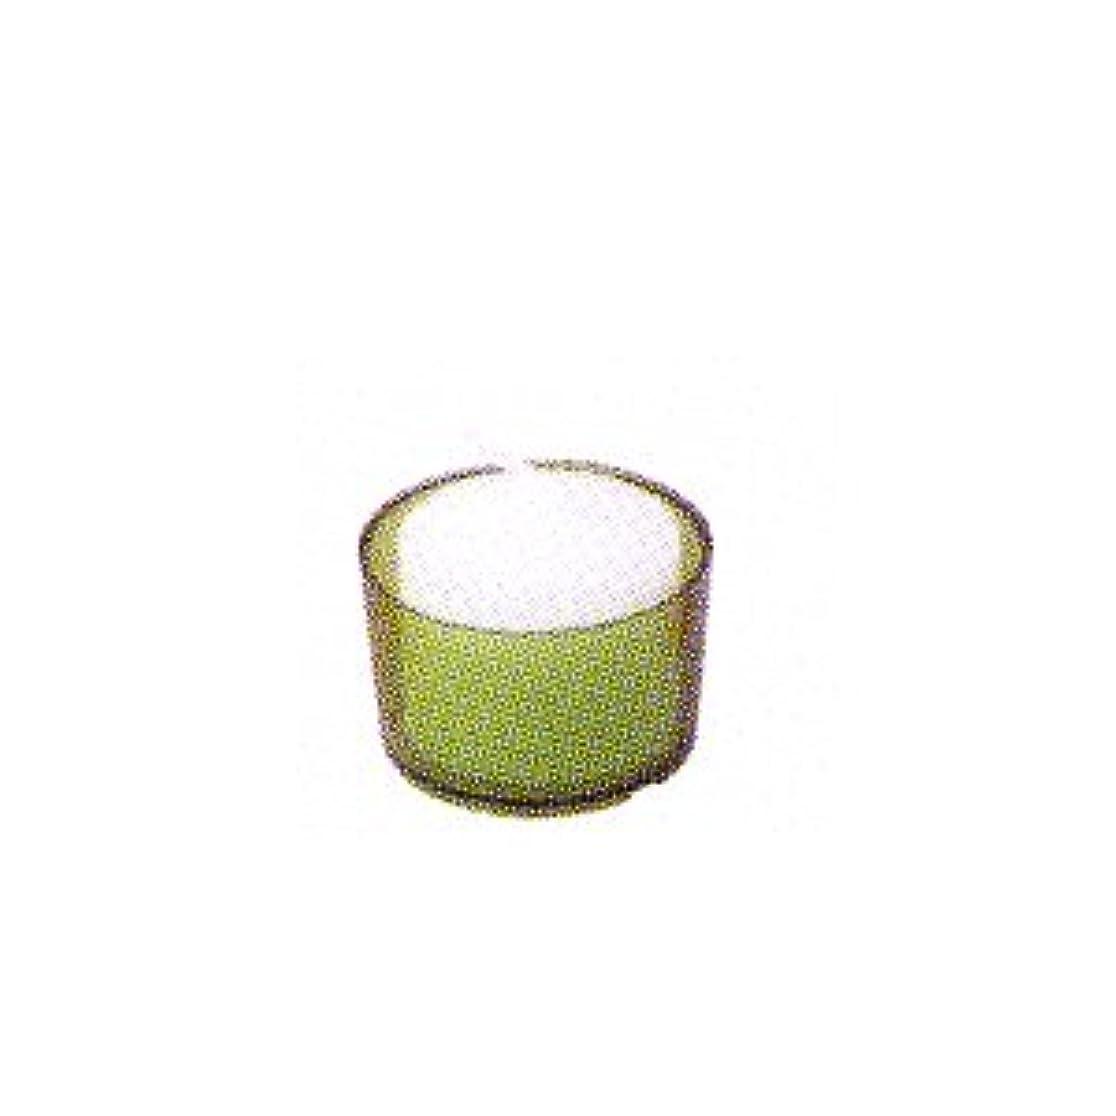 ストラップ柔らかい足療法カメヤマキャンドル カラークリアカップ ボーティブ6 グリーン 24個入